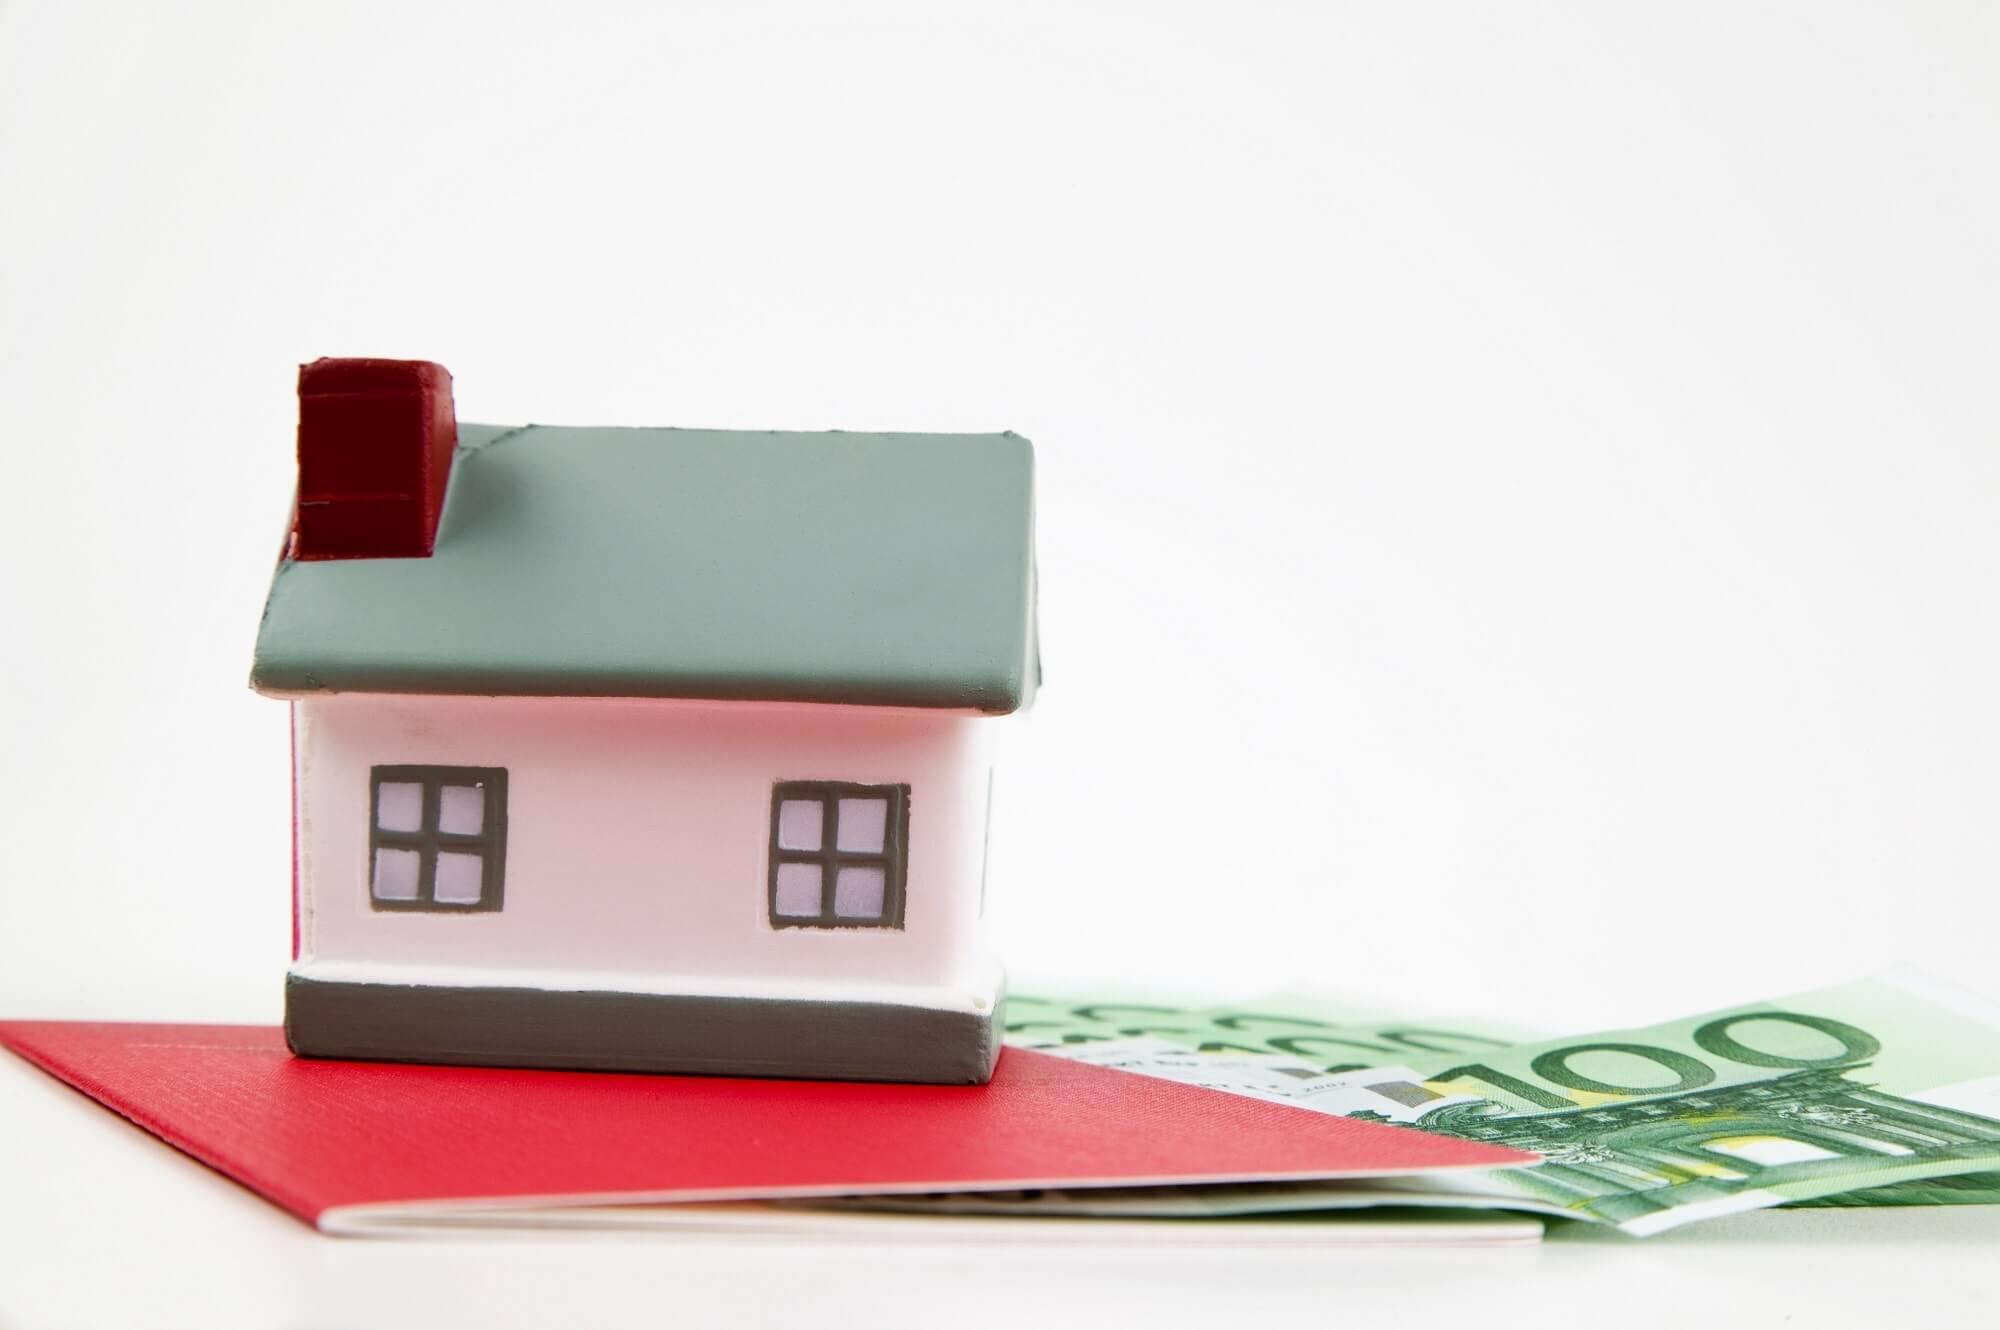 Rachat de prêt hypothécaire, le moment le plus opportun